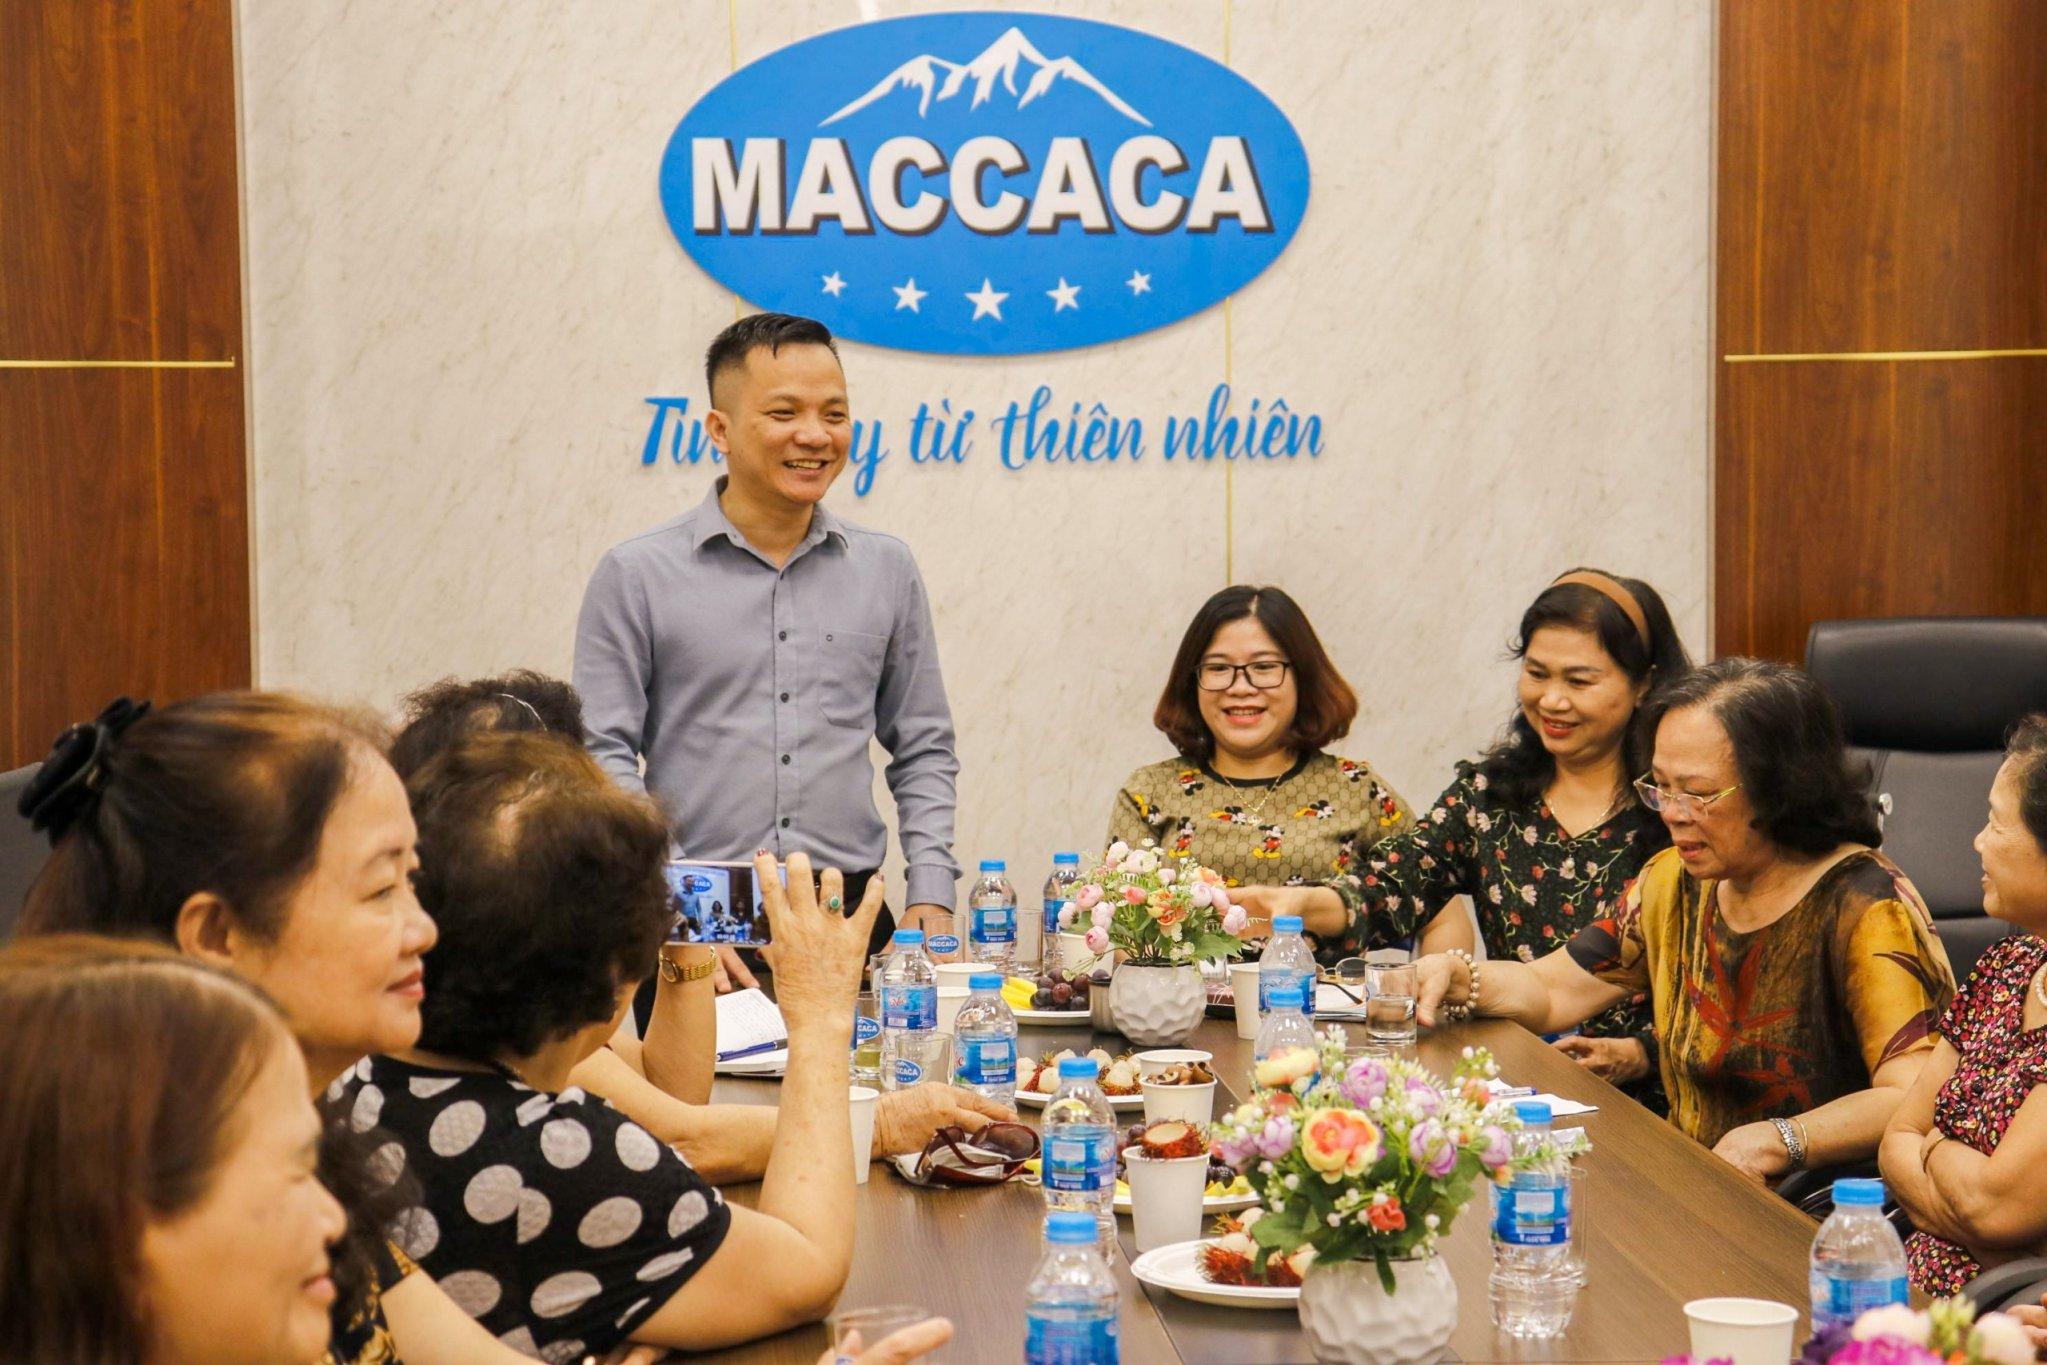 Hội đồng hương Phụ nữ Nghệ An tại Hà Nội thăm và làm việc với Công ty Macca Nutrition  - Ảnh 2